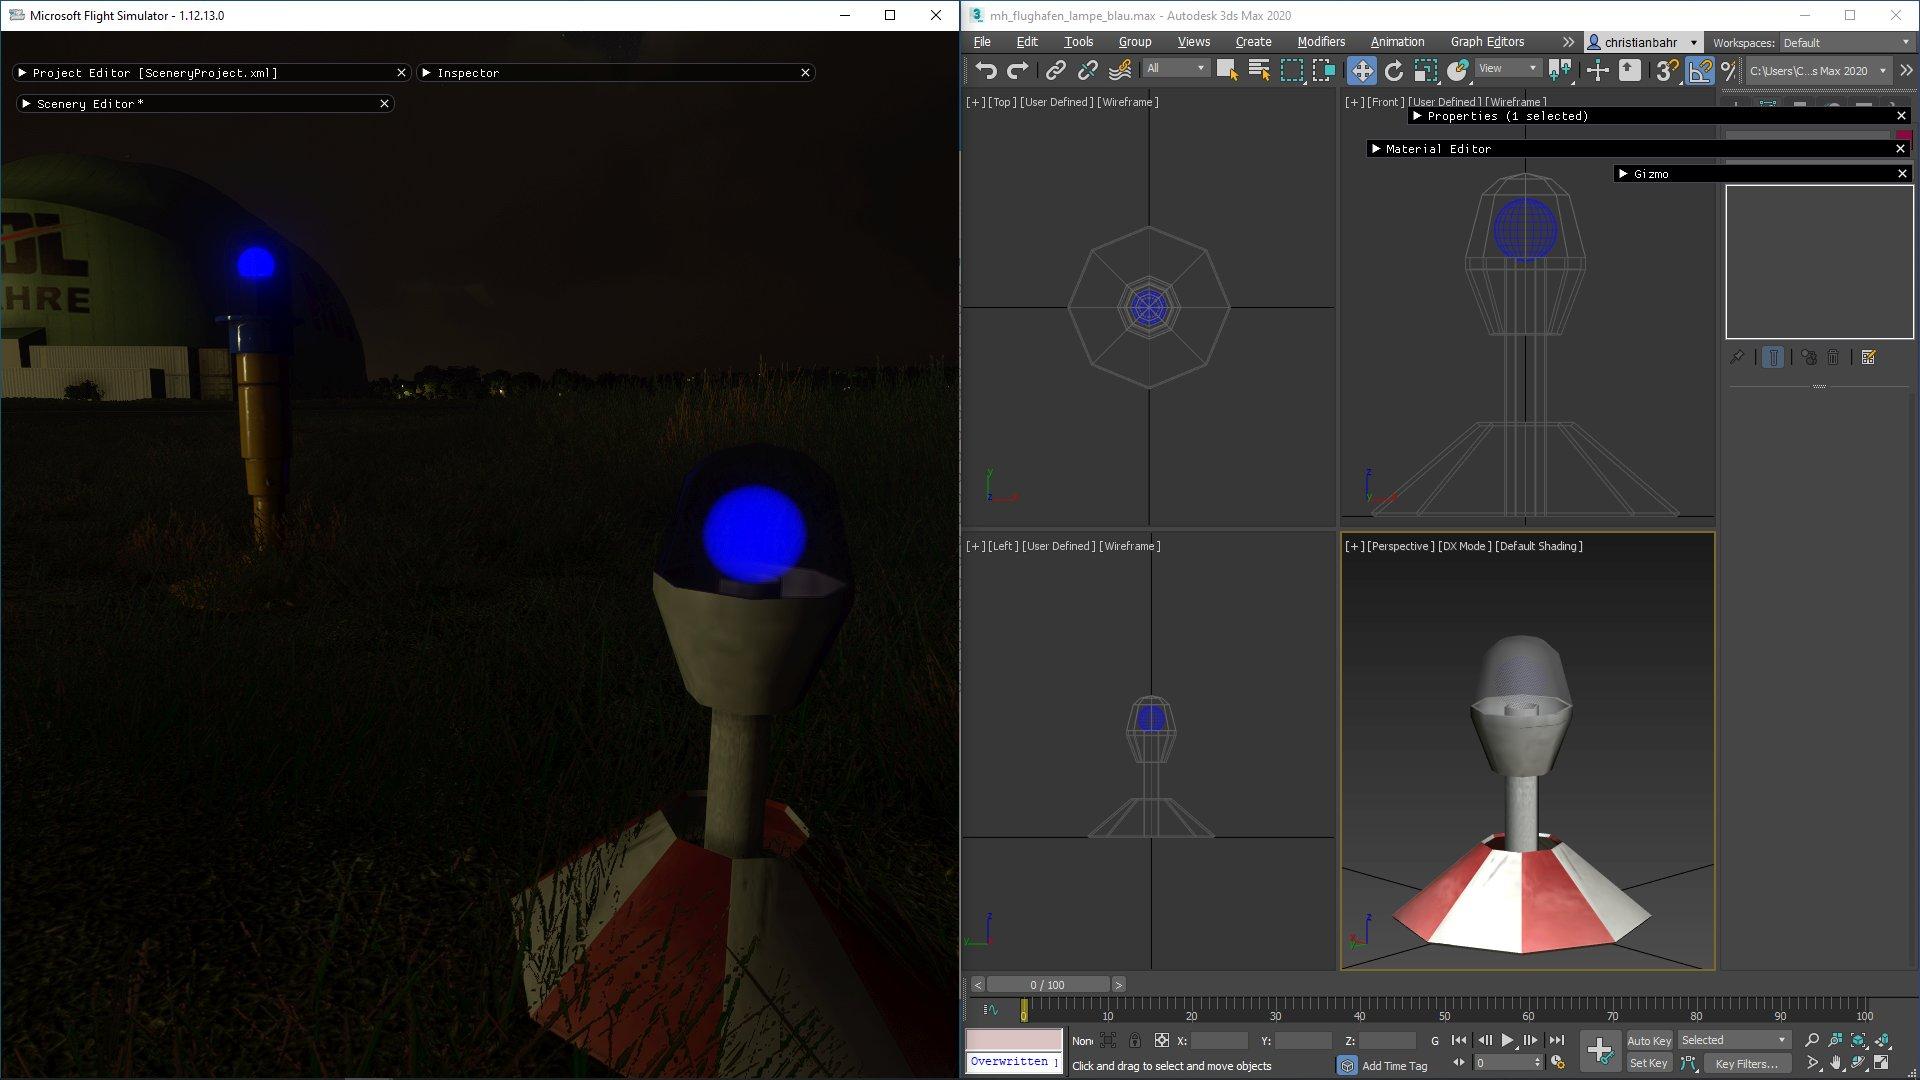 msfs_3d_lights_2.jpg